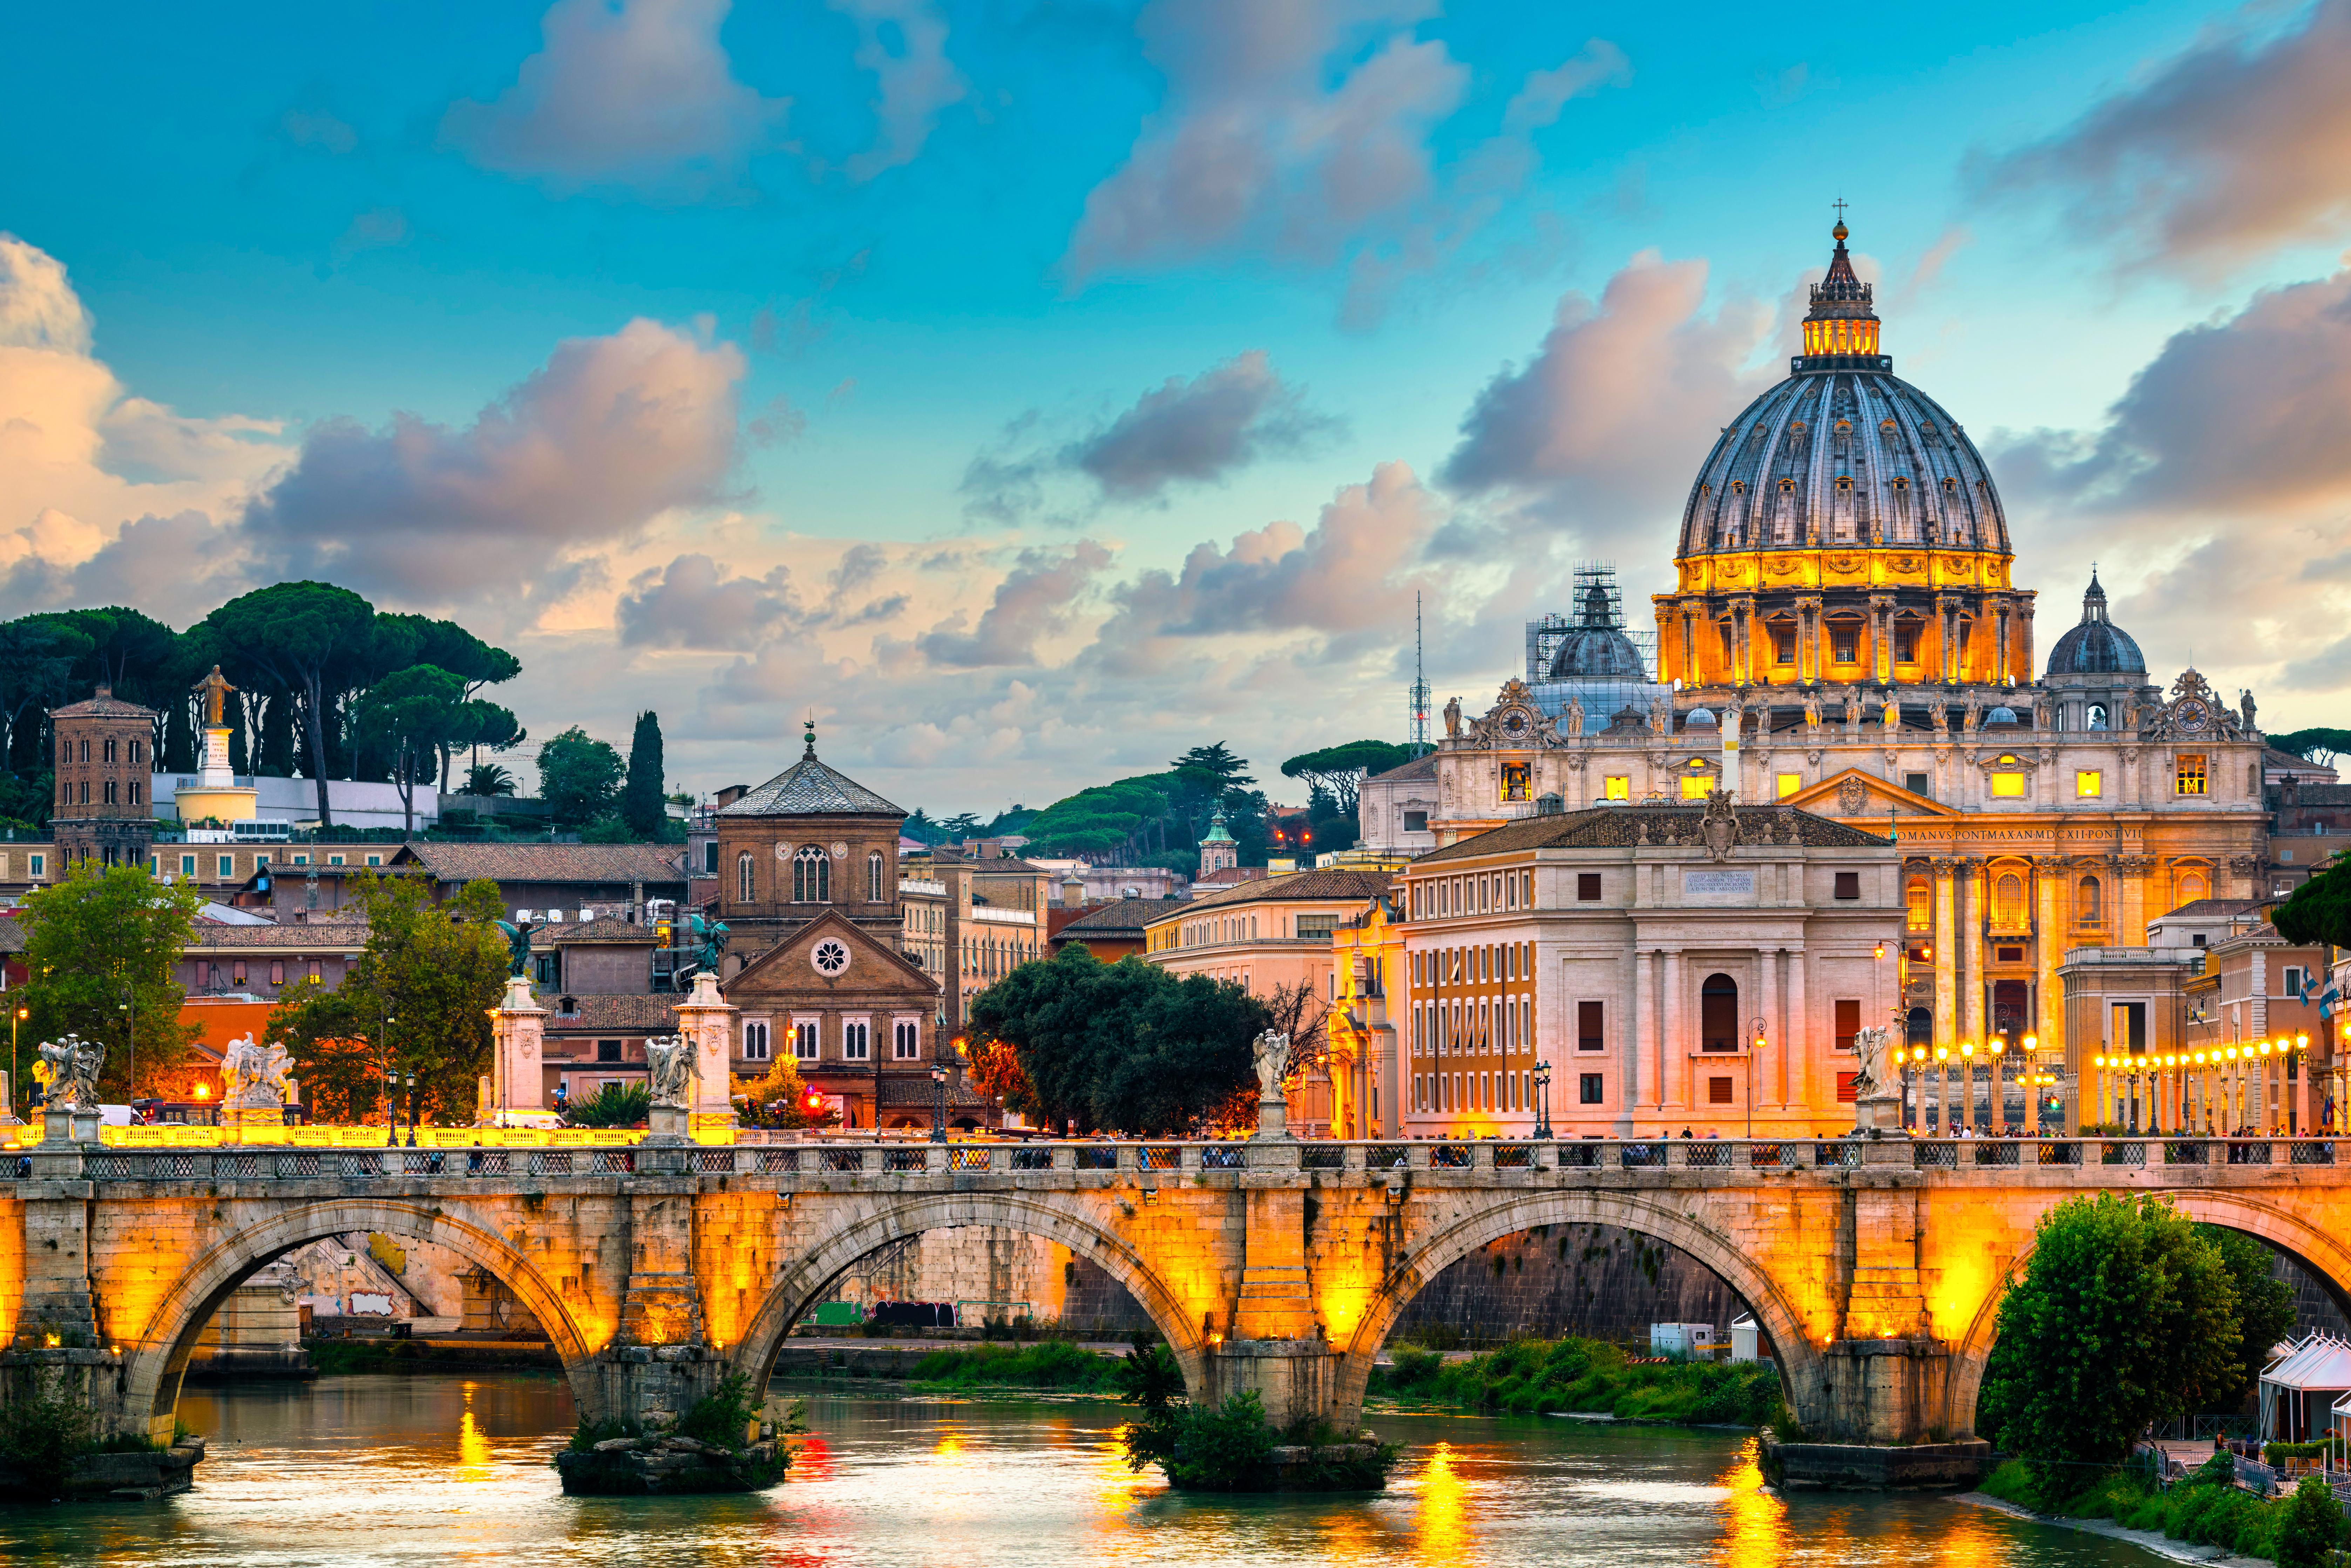 Собор Святого Петра в Риме, столице Италии, ВНЖ которой могут получить иностранцы